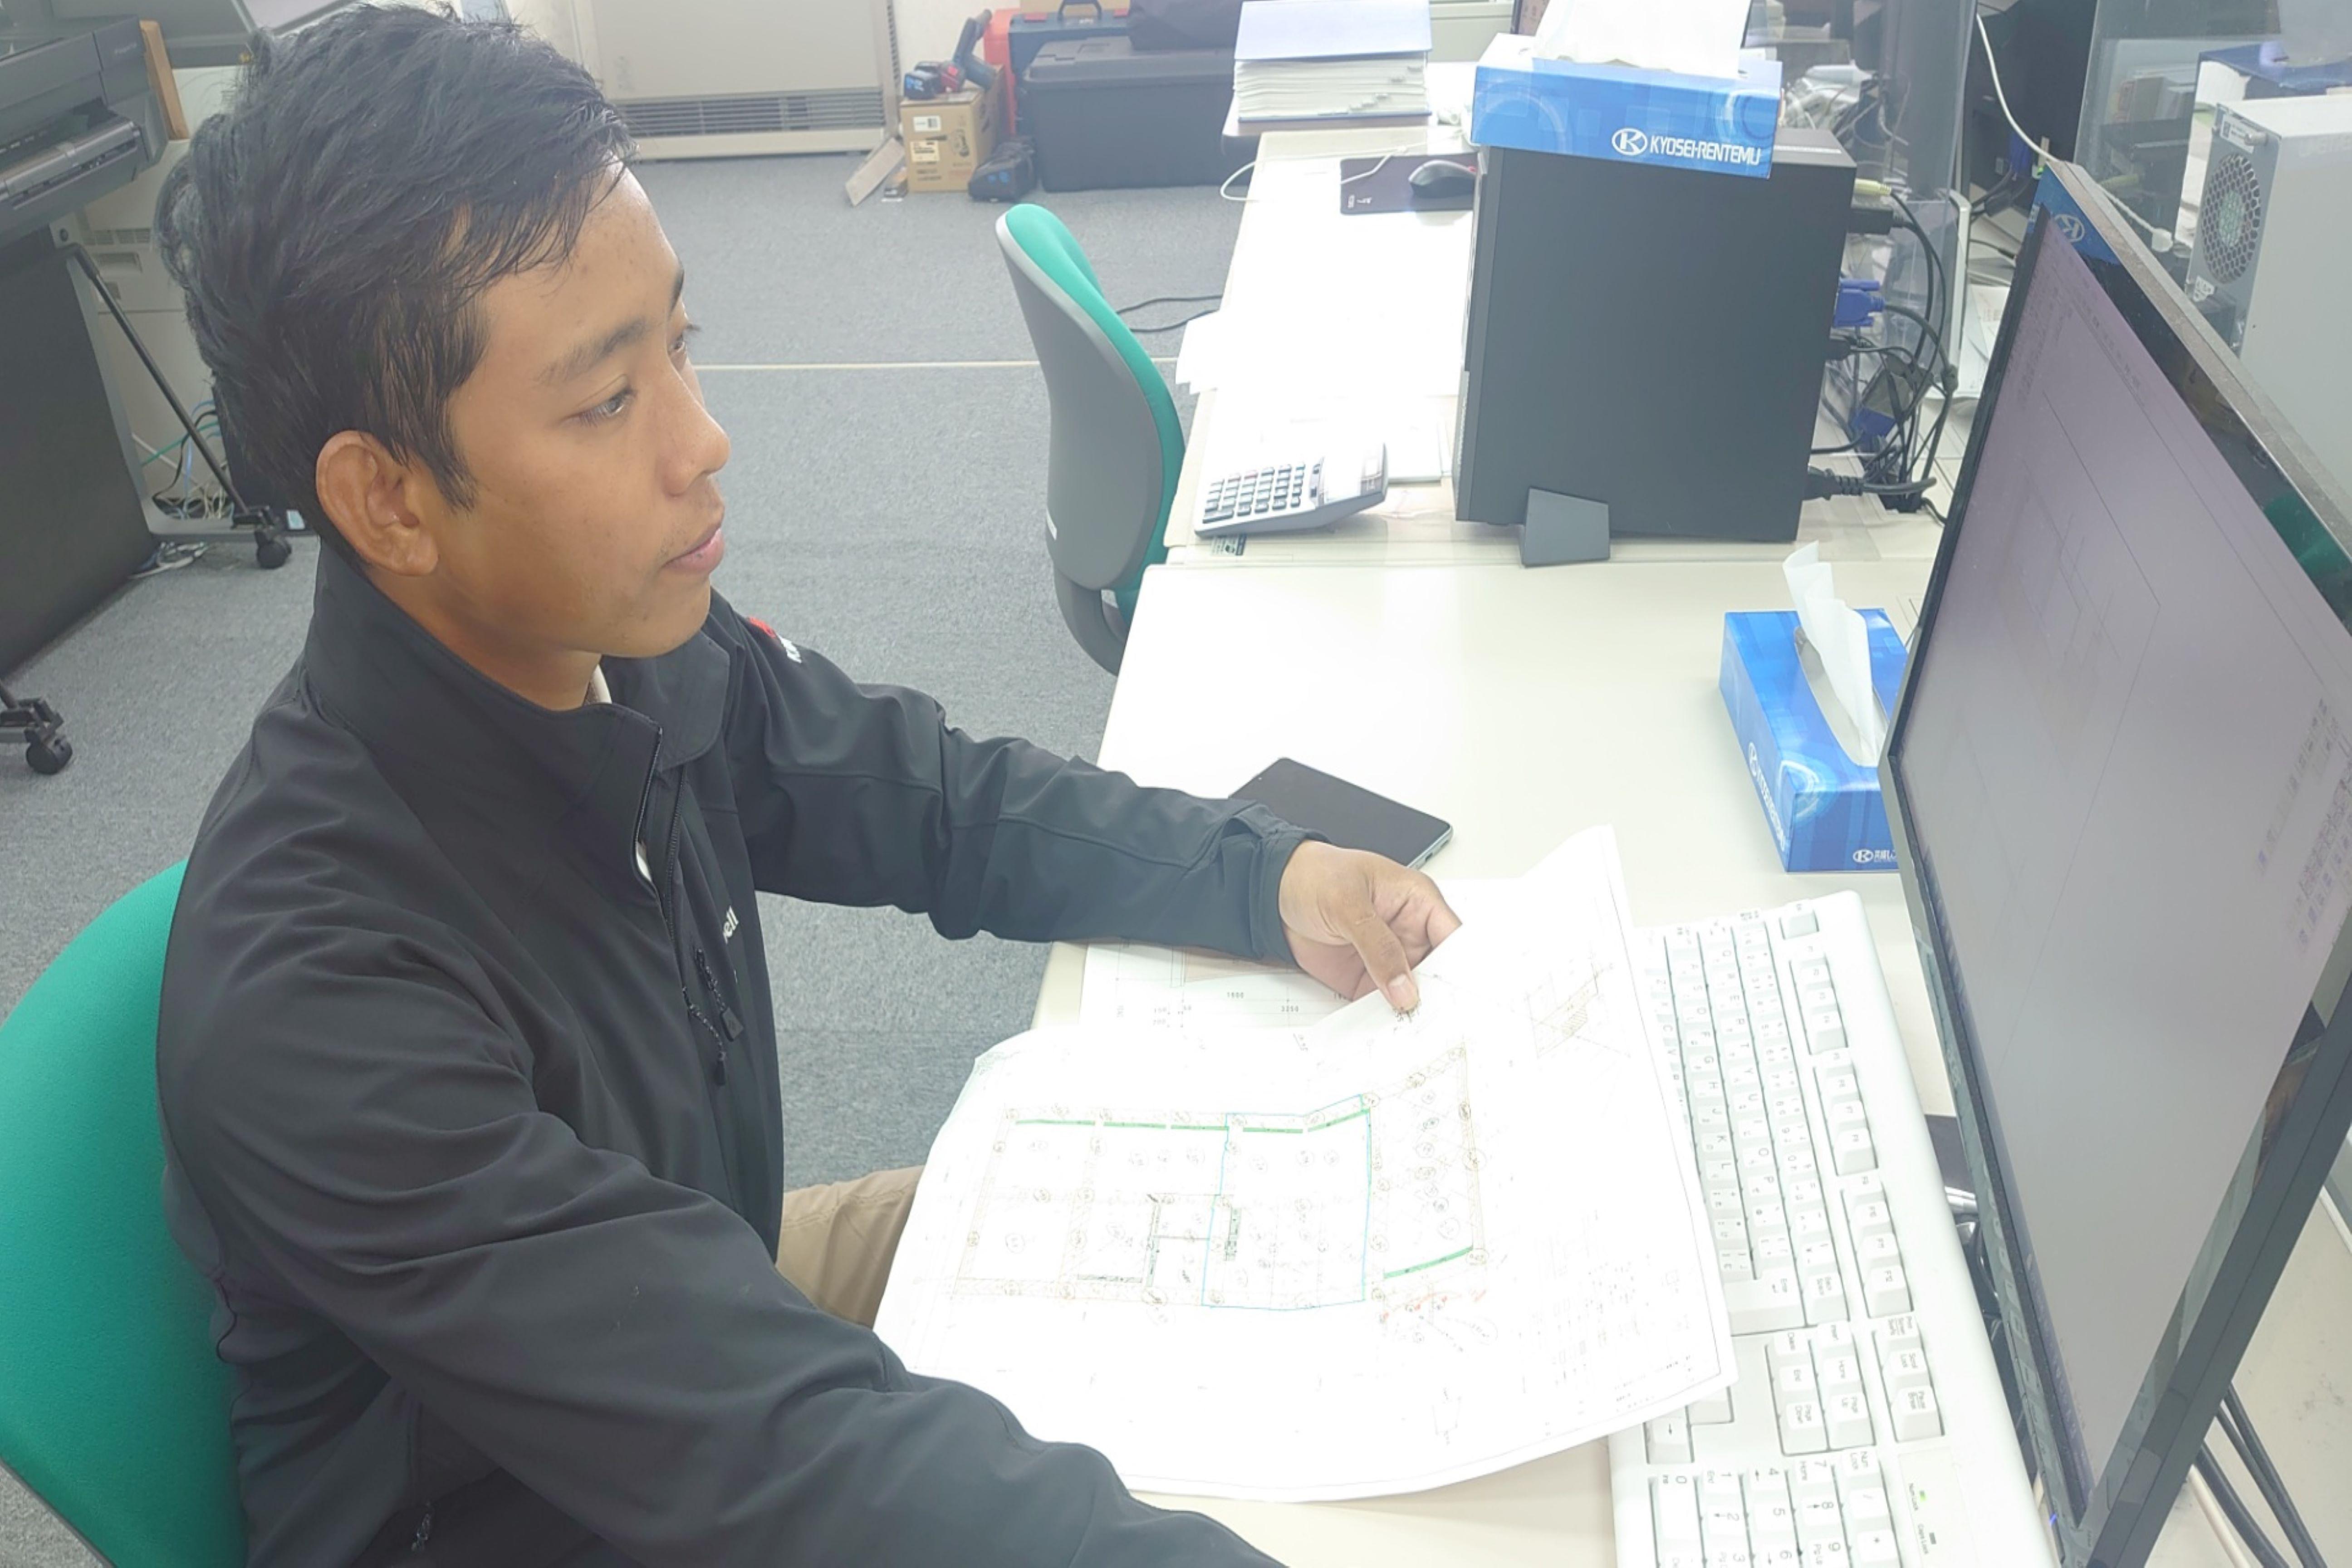 ミャンマーから来た技術者へインタビュー